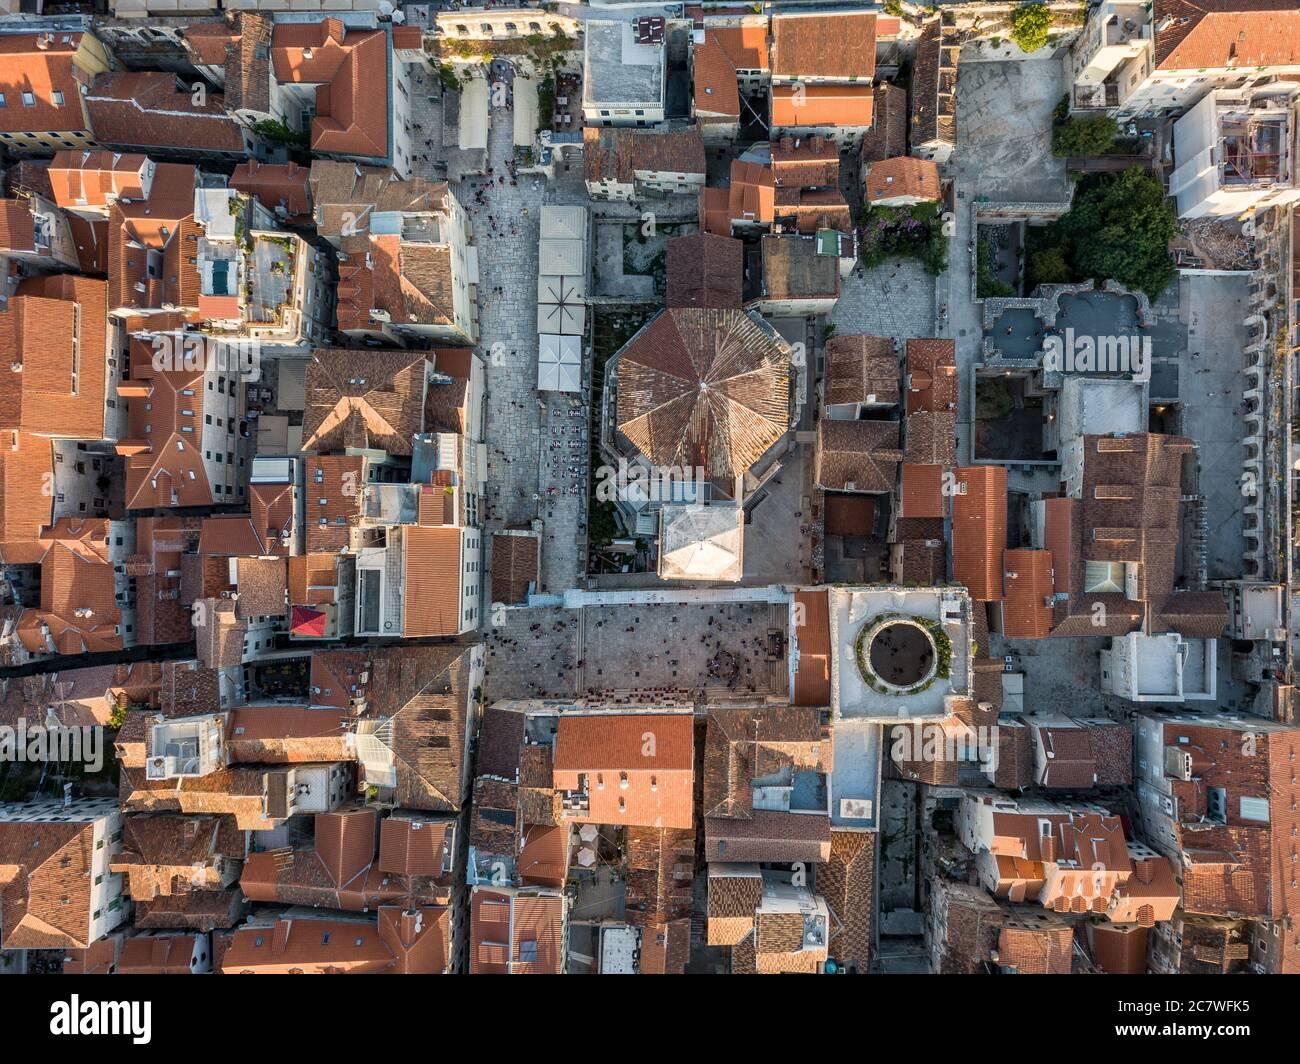 Split, Croacia - Agosto 15 2019: Vista de pájaro del centro de la ciudad de Split mostrando el Palacio de Diocleciano y el campanario de la catedral de San Domnio Foto de stock